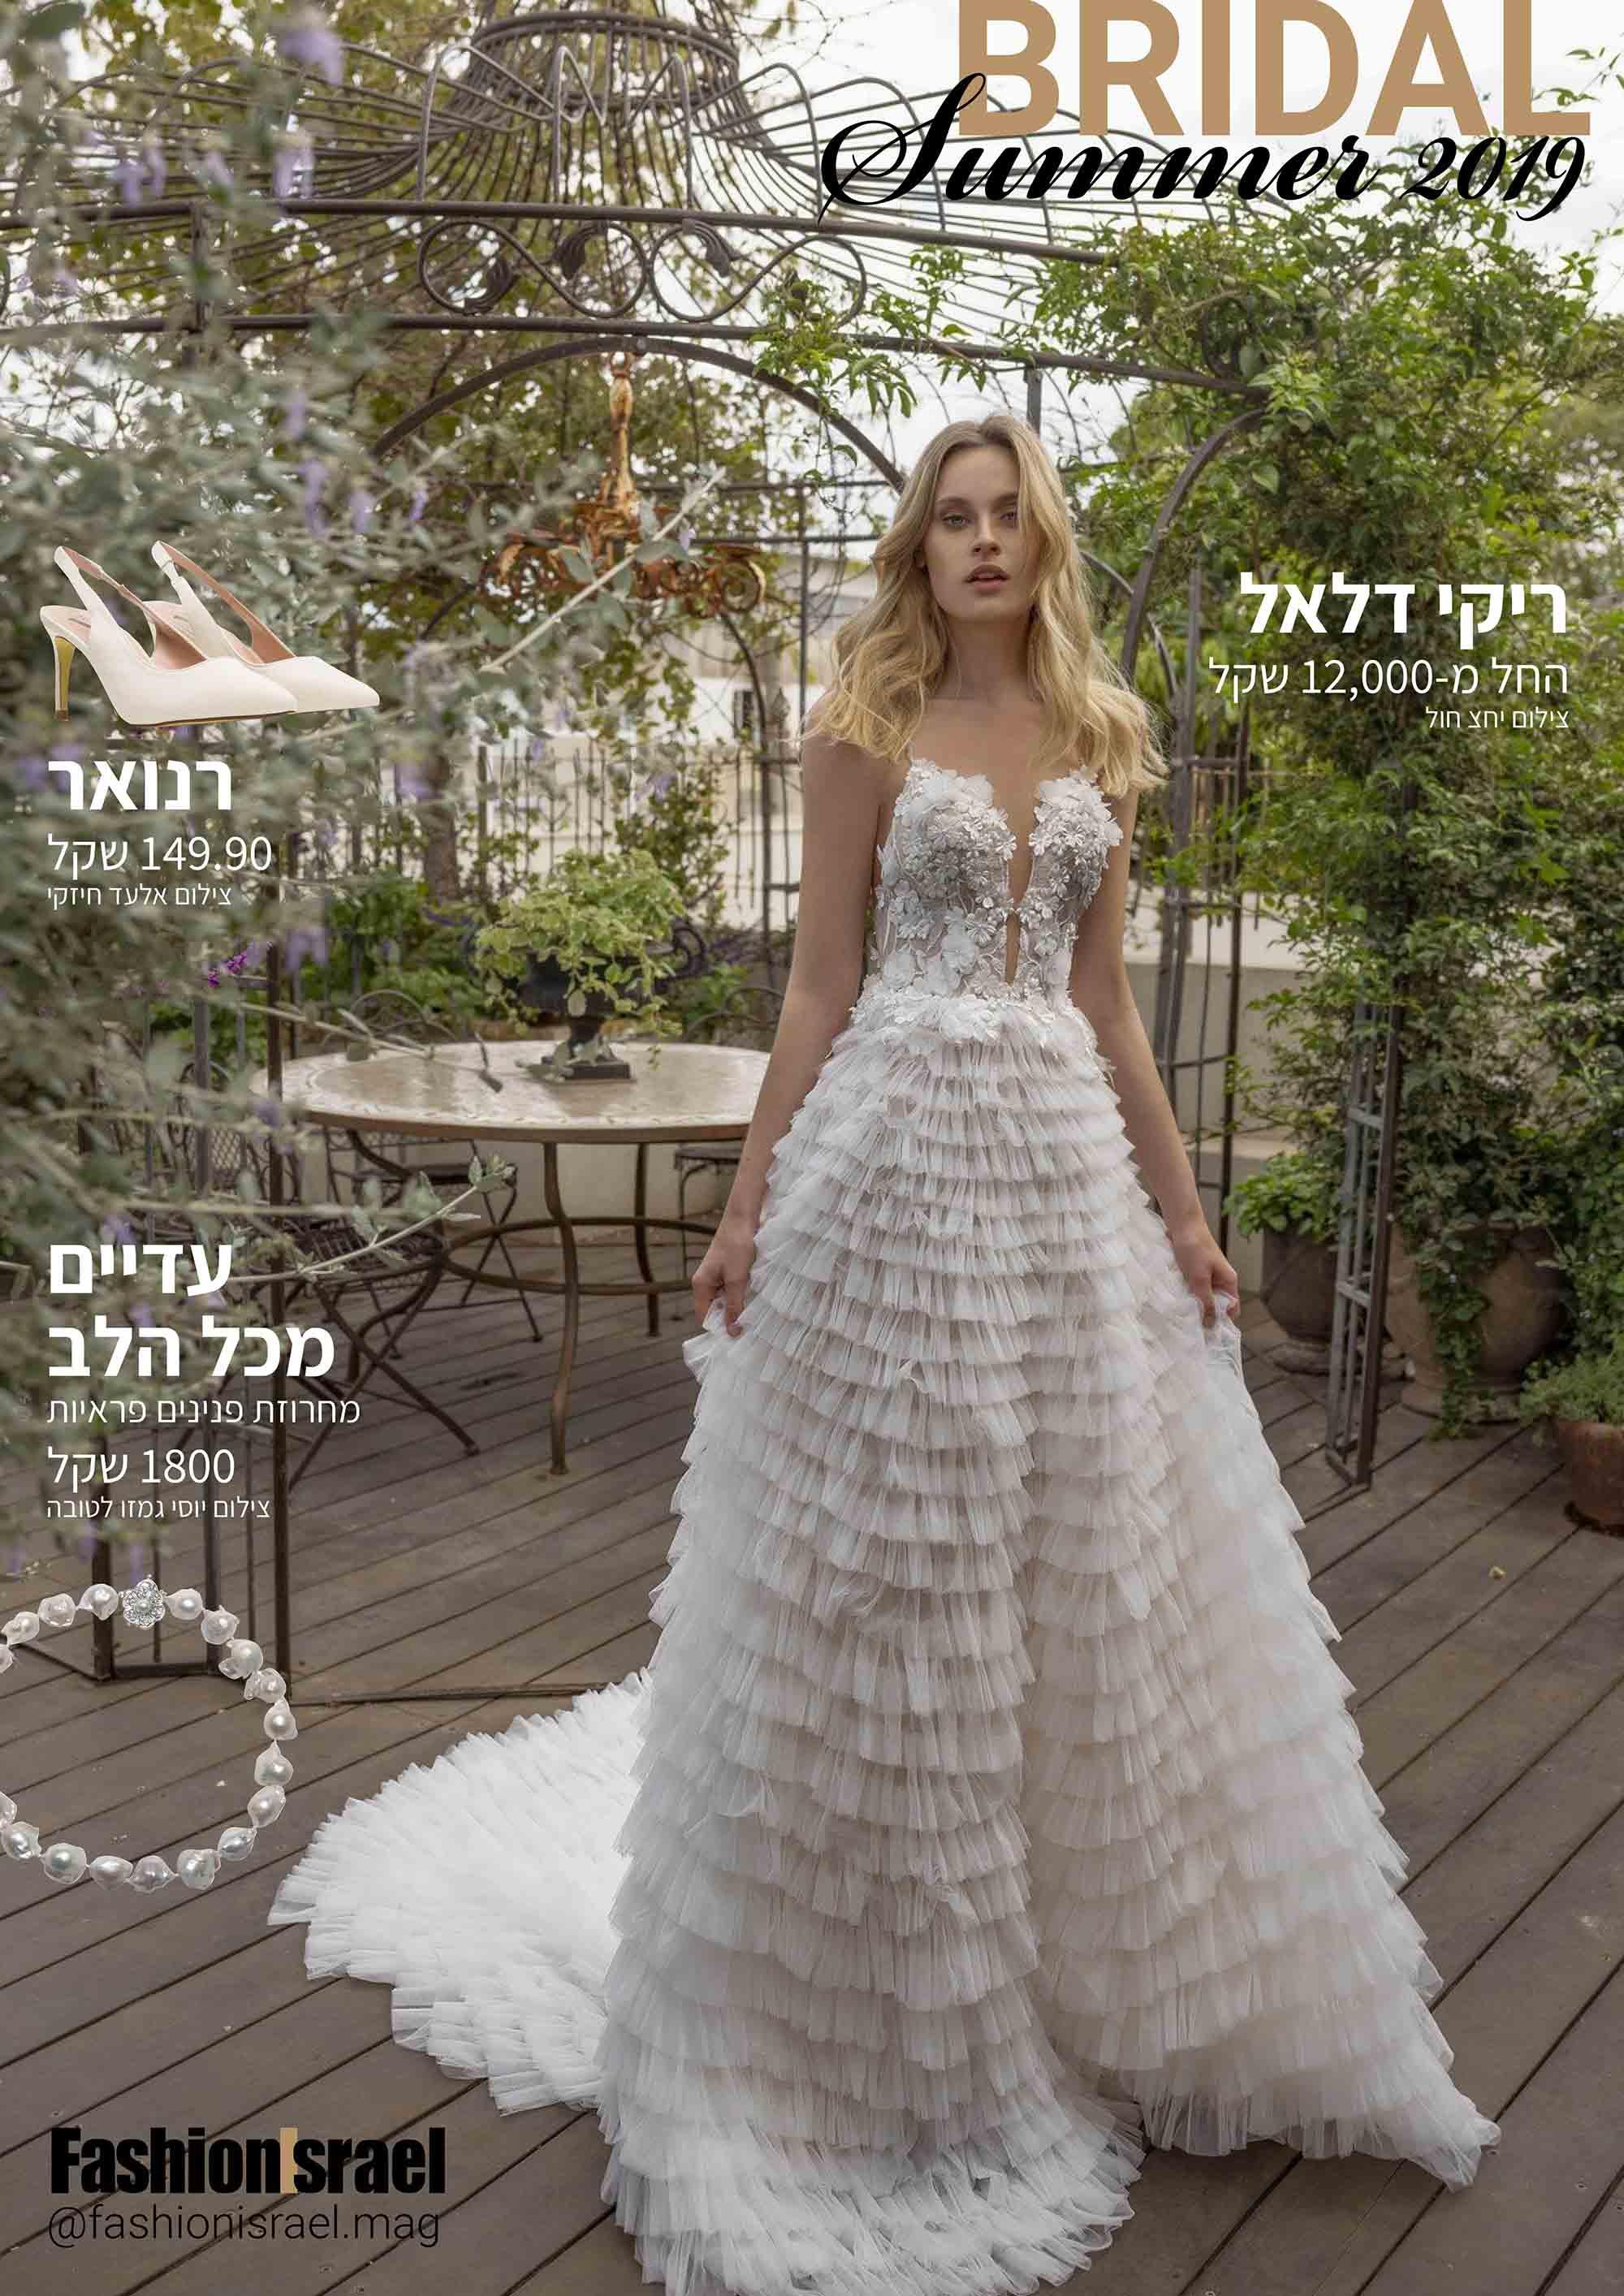 שמלת כלה: ריקי דלאל, תכשיטים: עדיים מכל הלב, נעליים: רנואר